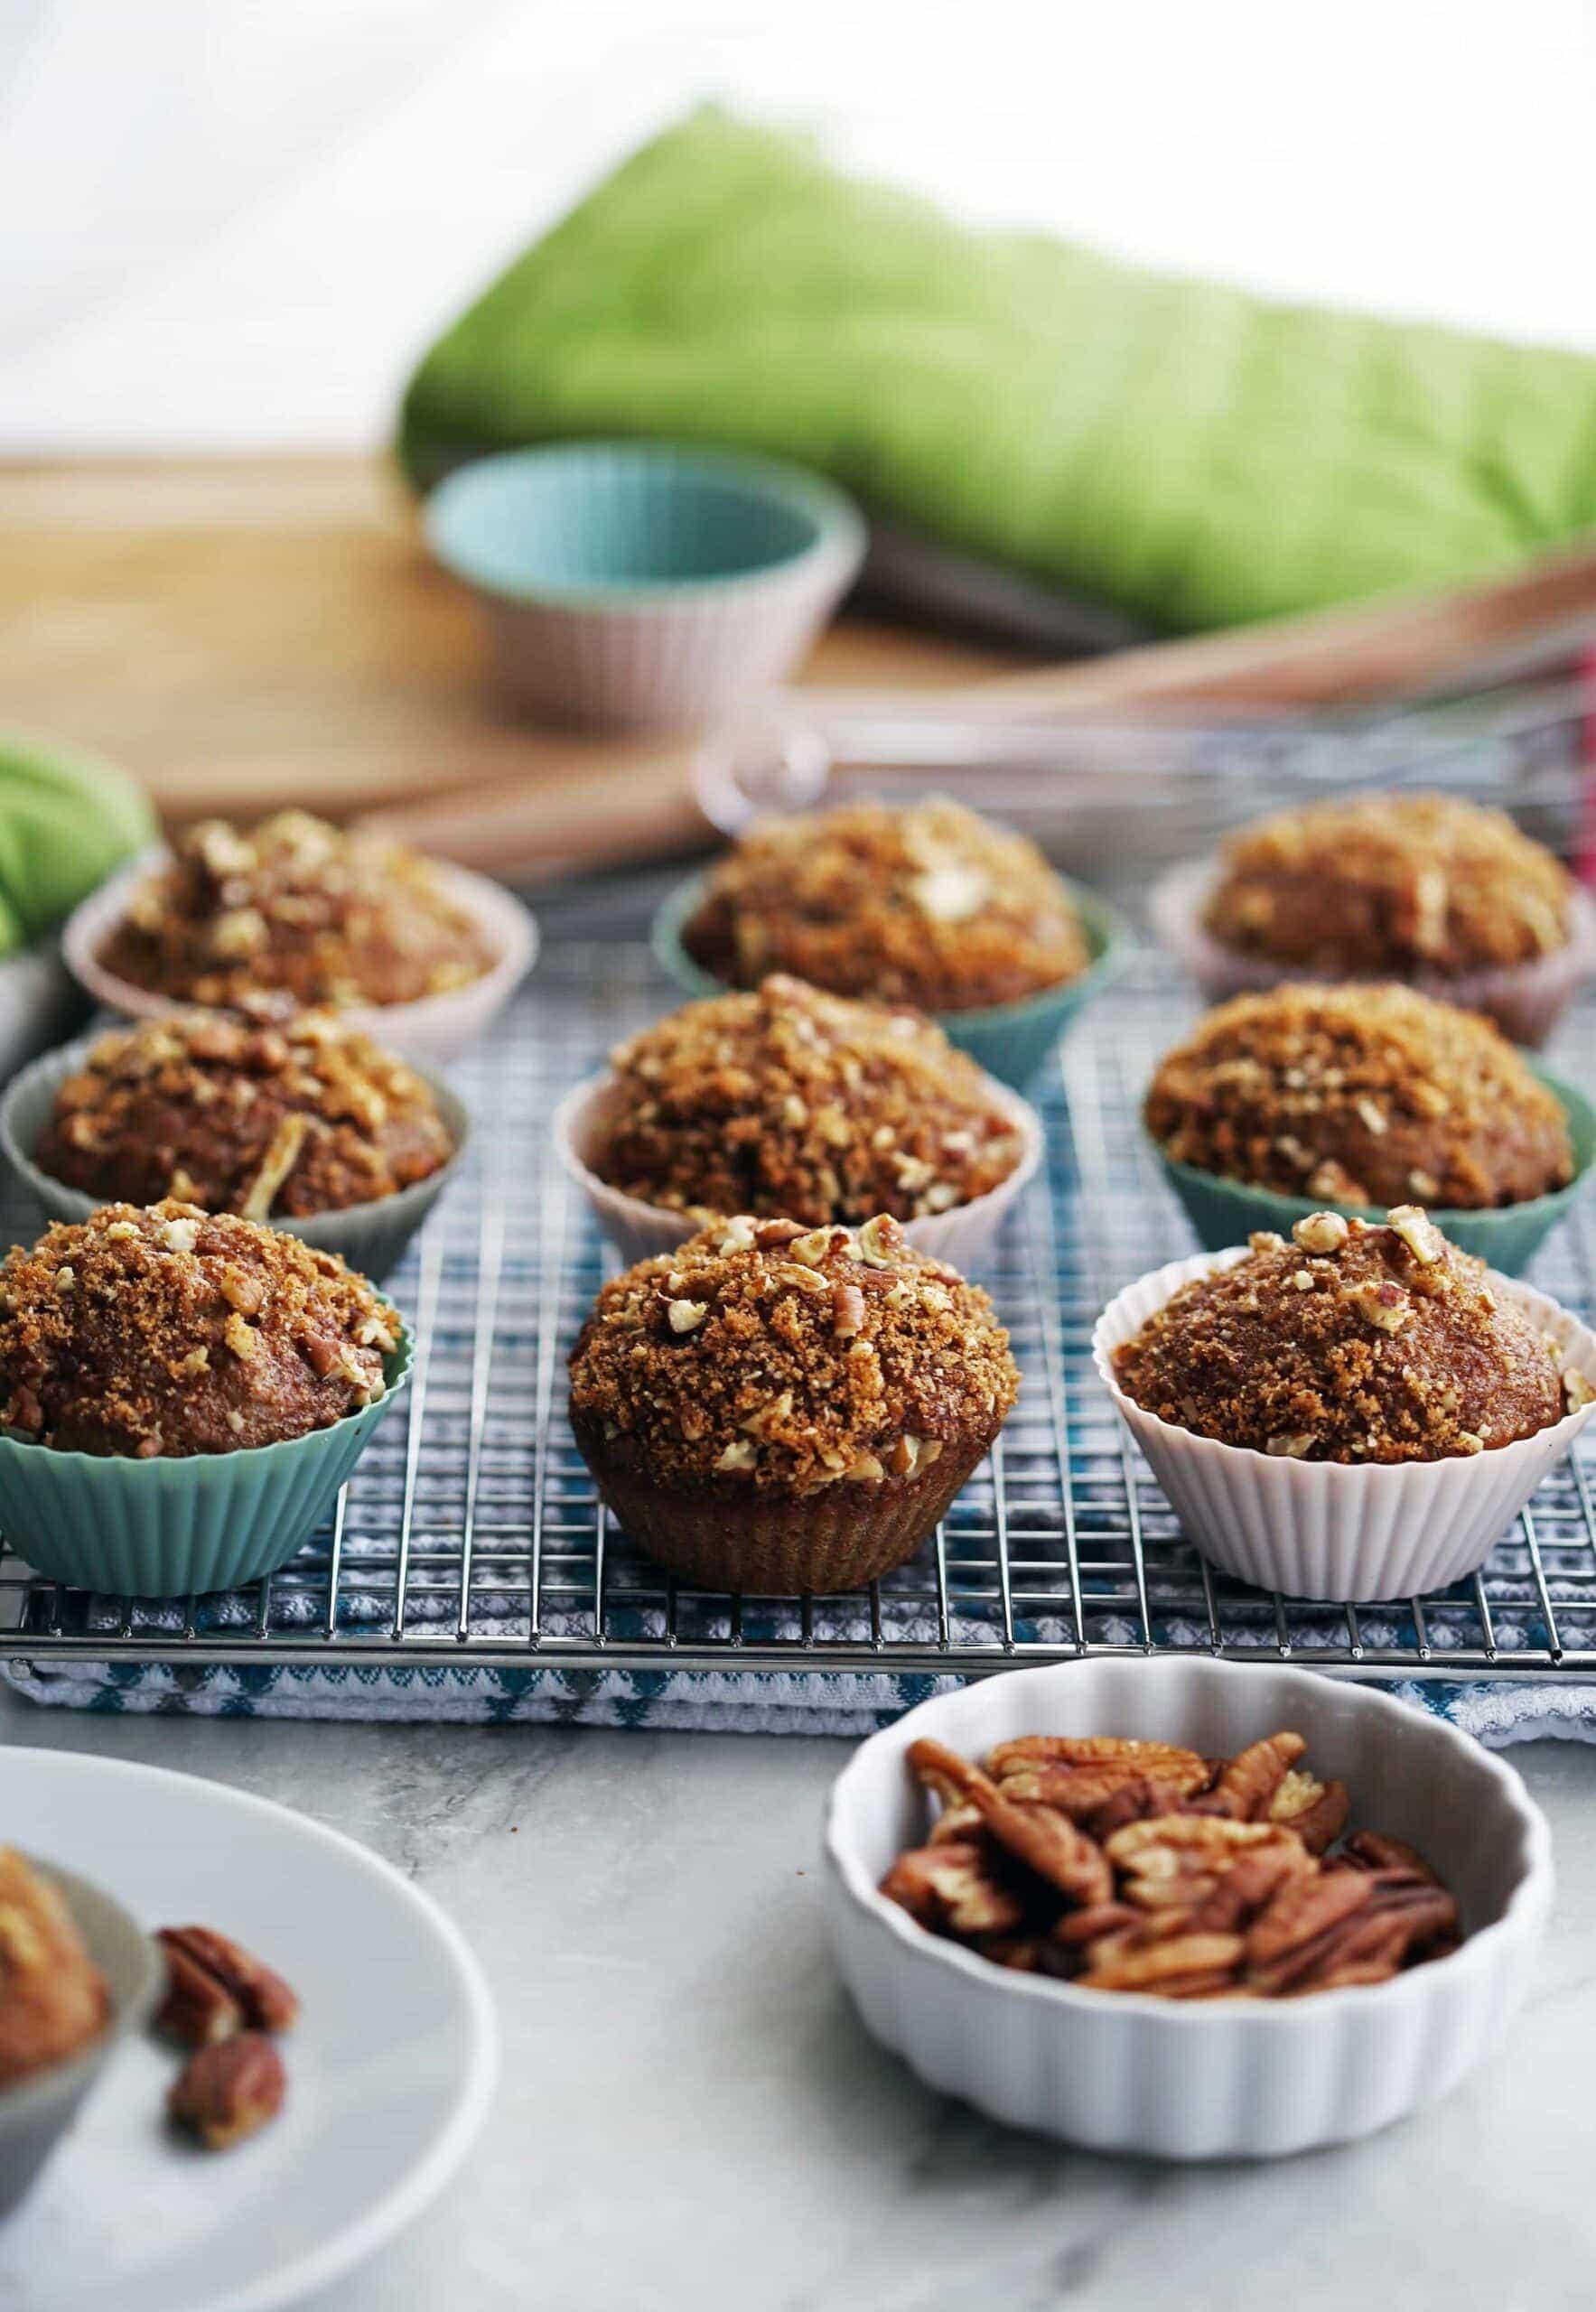 Crunchy-Top Cinnamon Pecan Applesauce Muffins